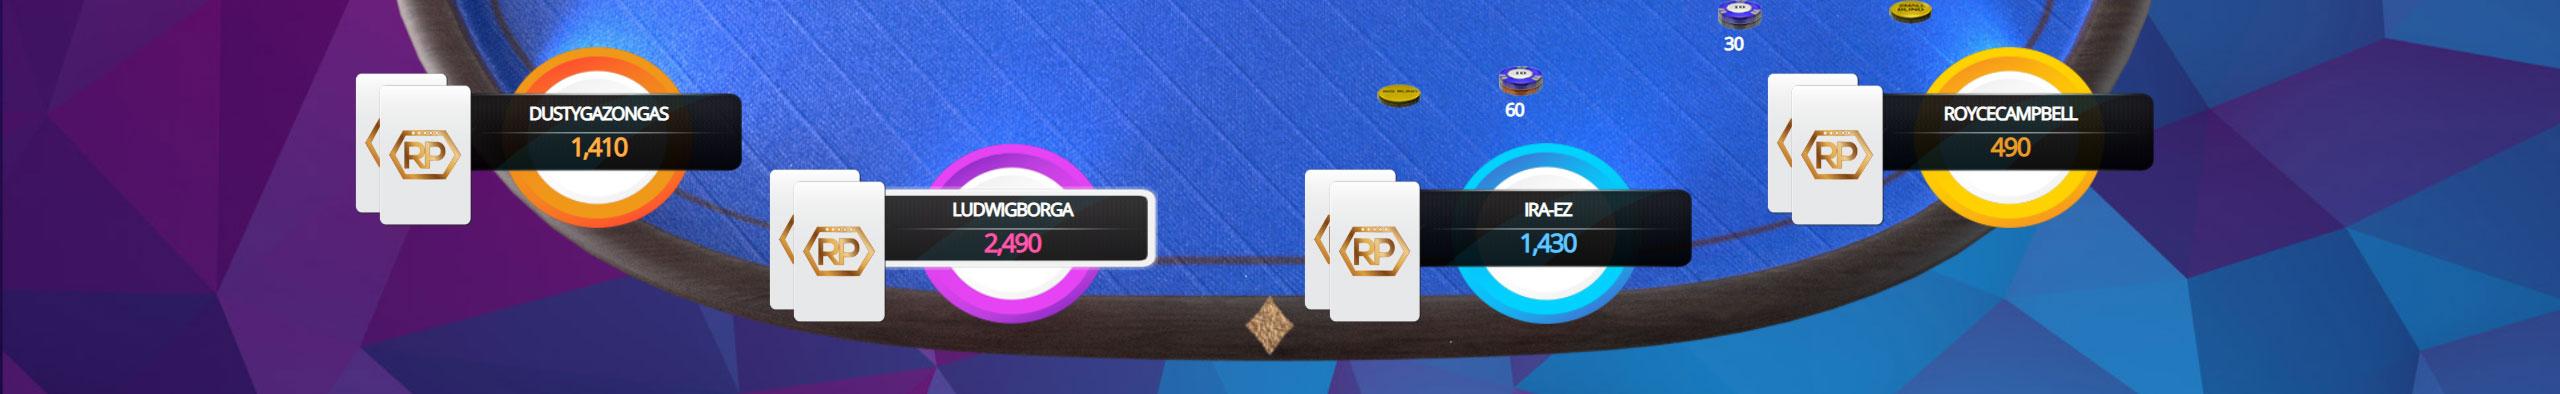 Onlayn kazino kazino depozit bonuslarisiz